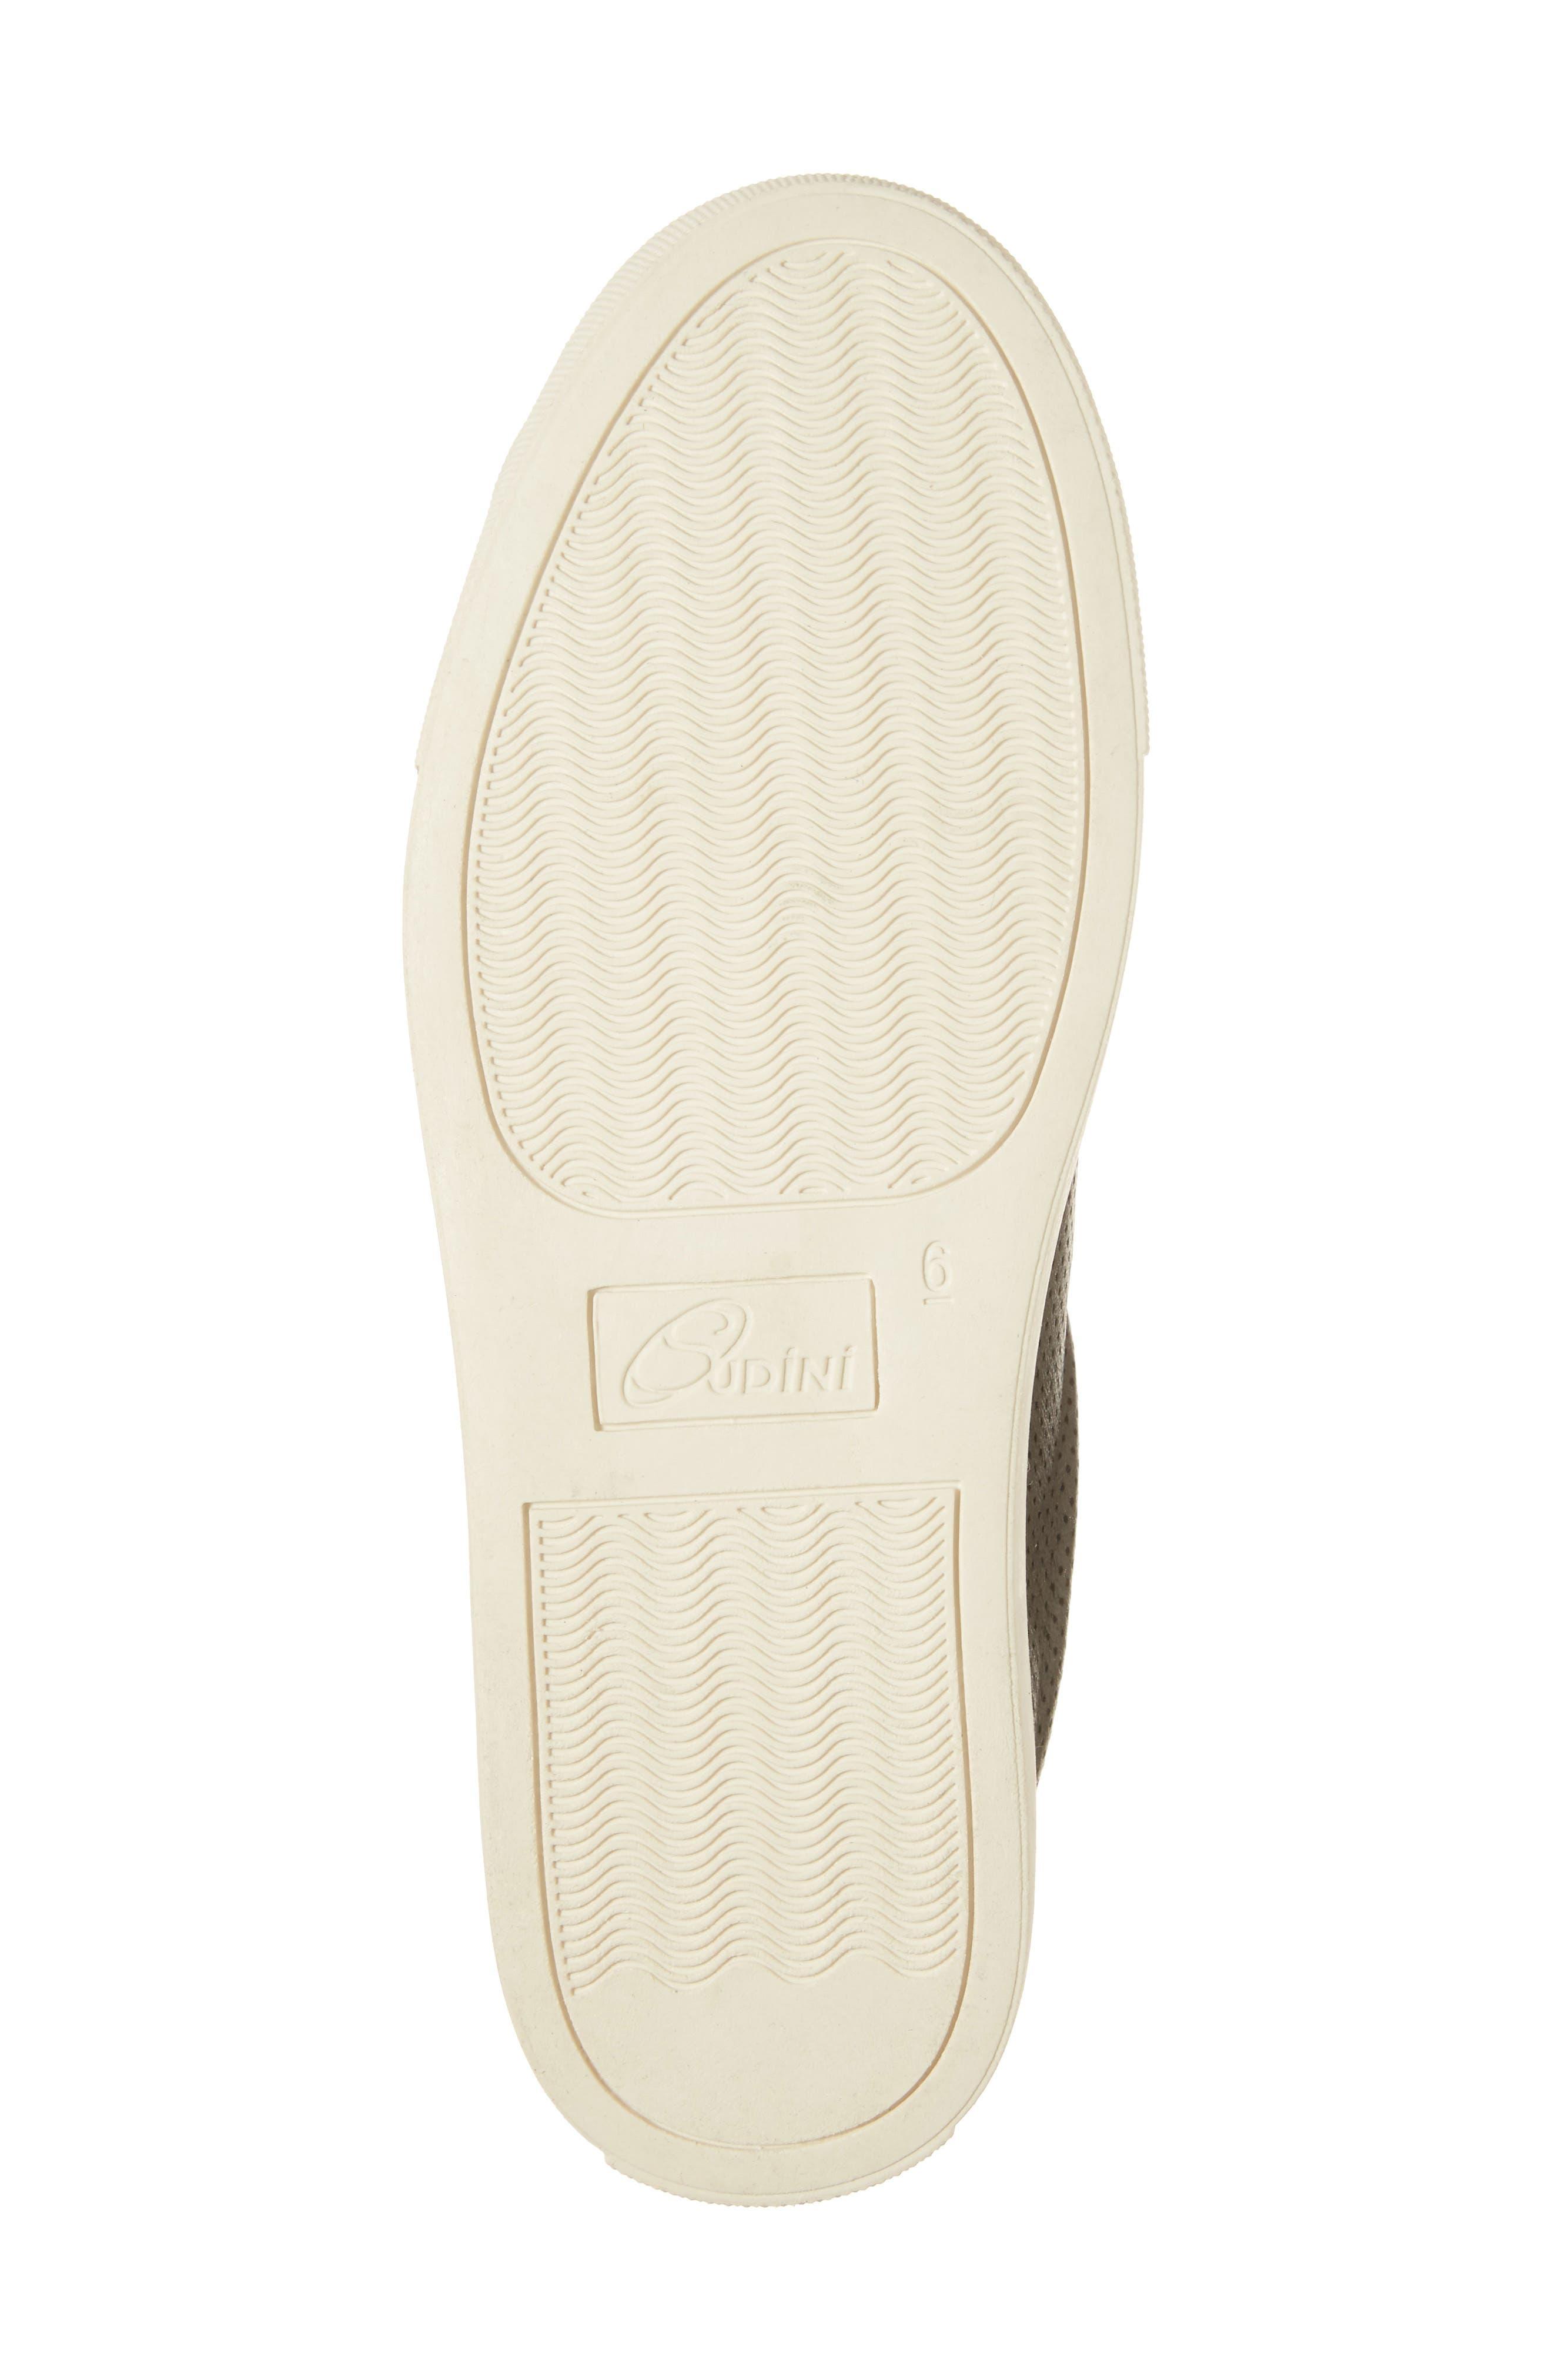 Sudina Giana Slip-On Sneaker,                             Alternate thumbnail 6, color,                             001